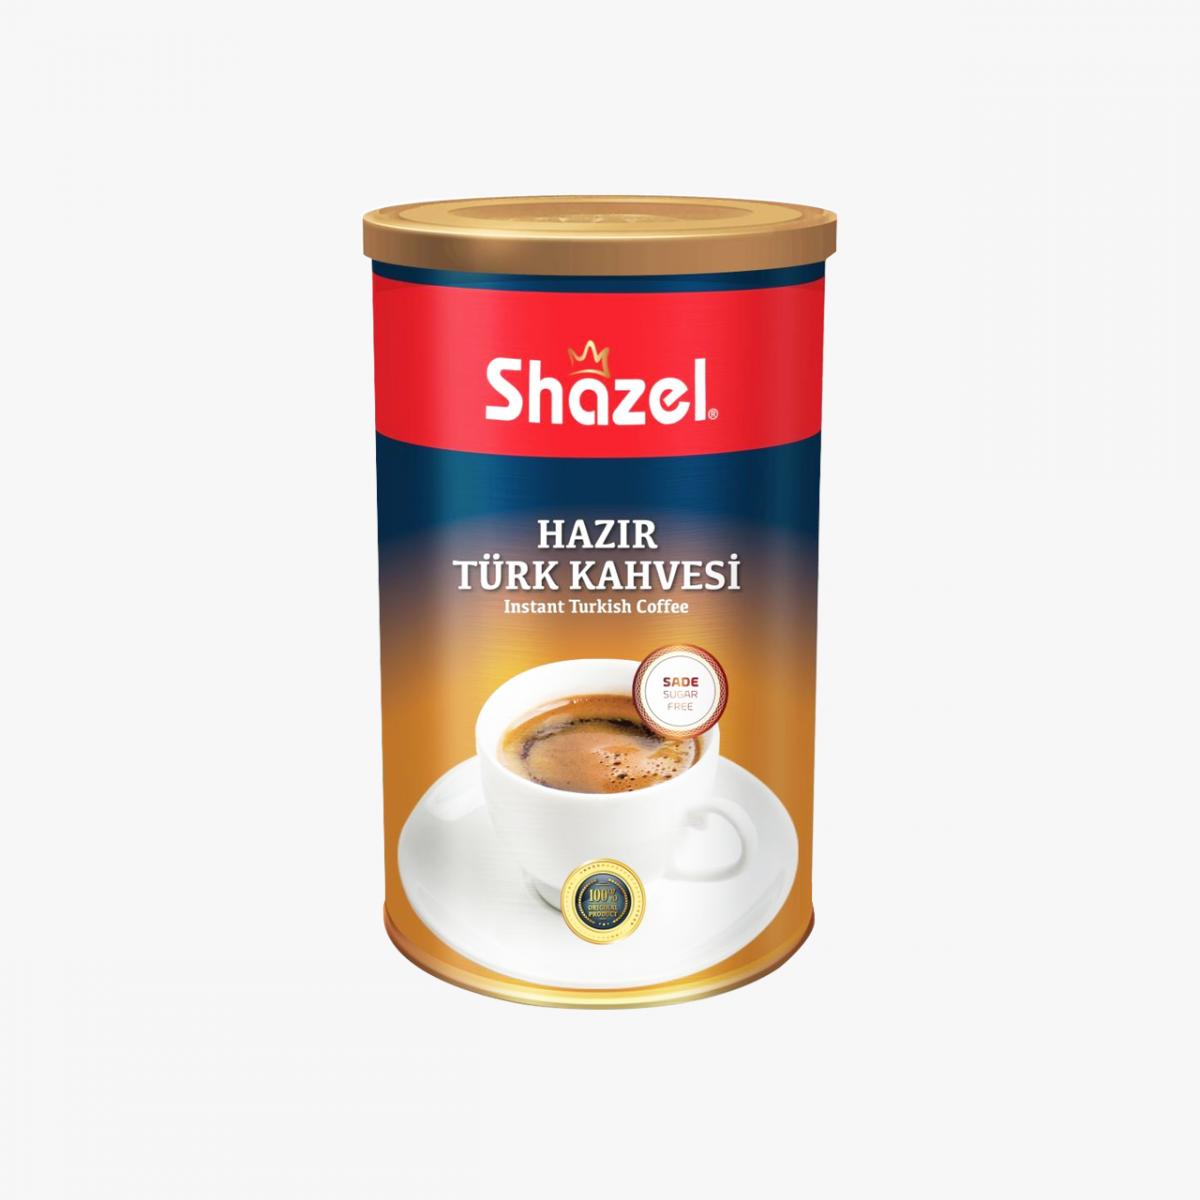 Hazır Türk Kahvesi Sade - 250gr